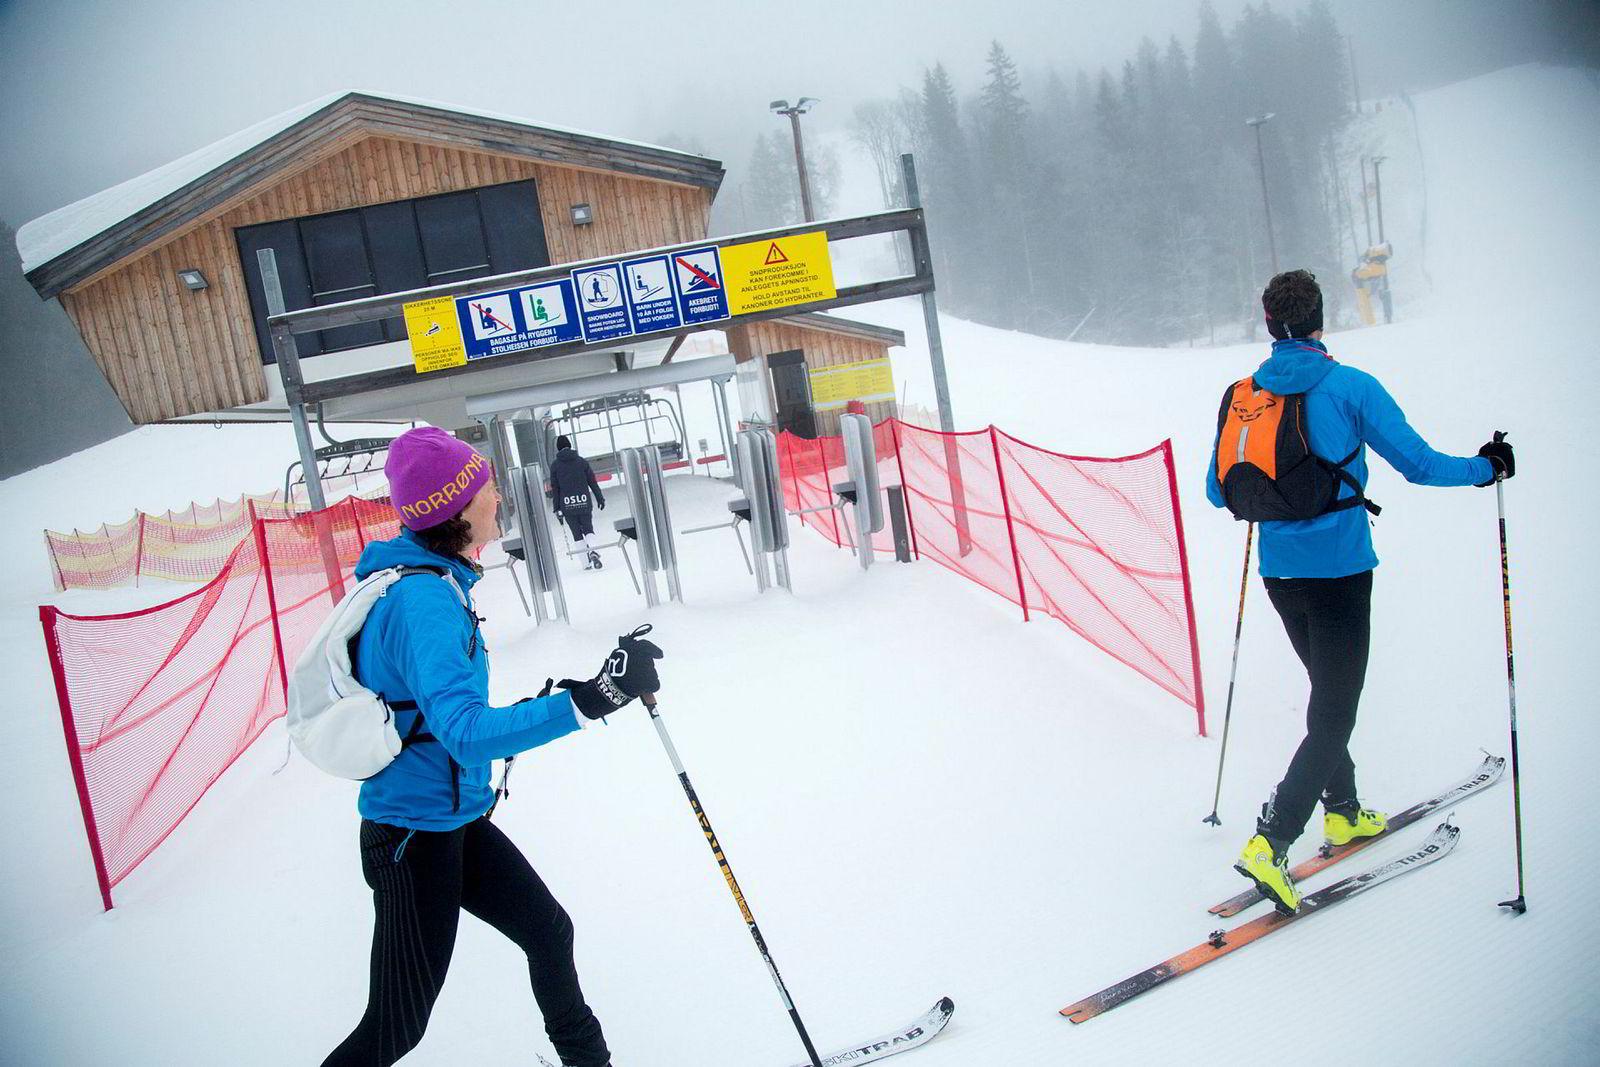 Kristin og Kjetil Landmark går rett forbi både billettluke og stolheis. De skal gå opp alpinbakken.